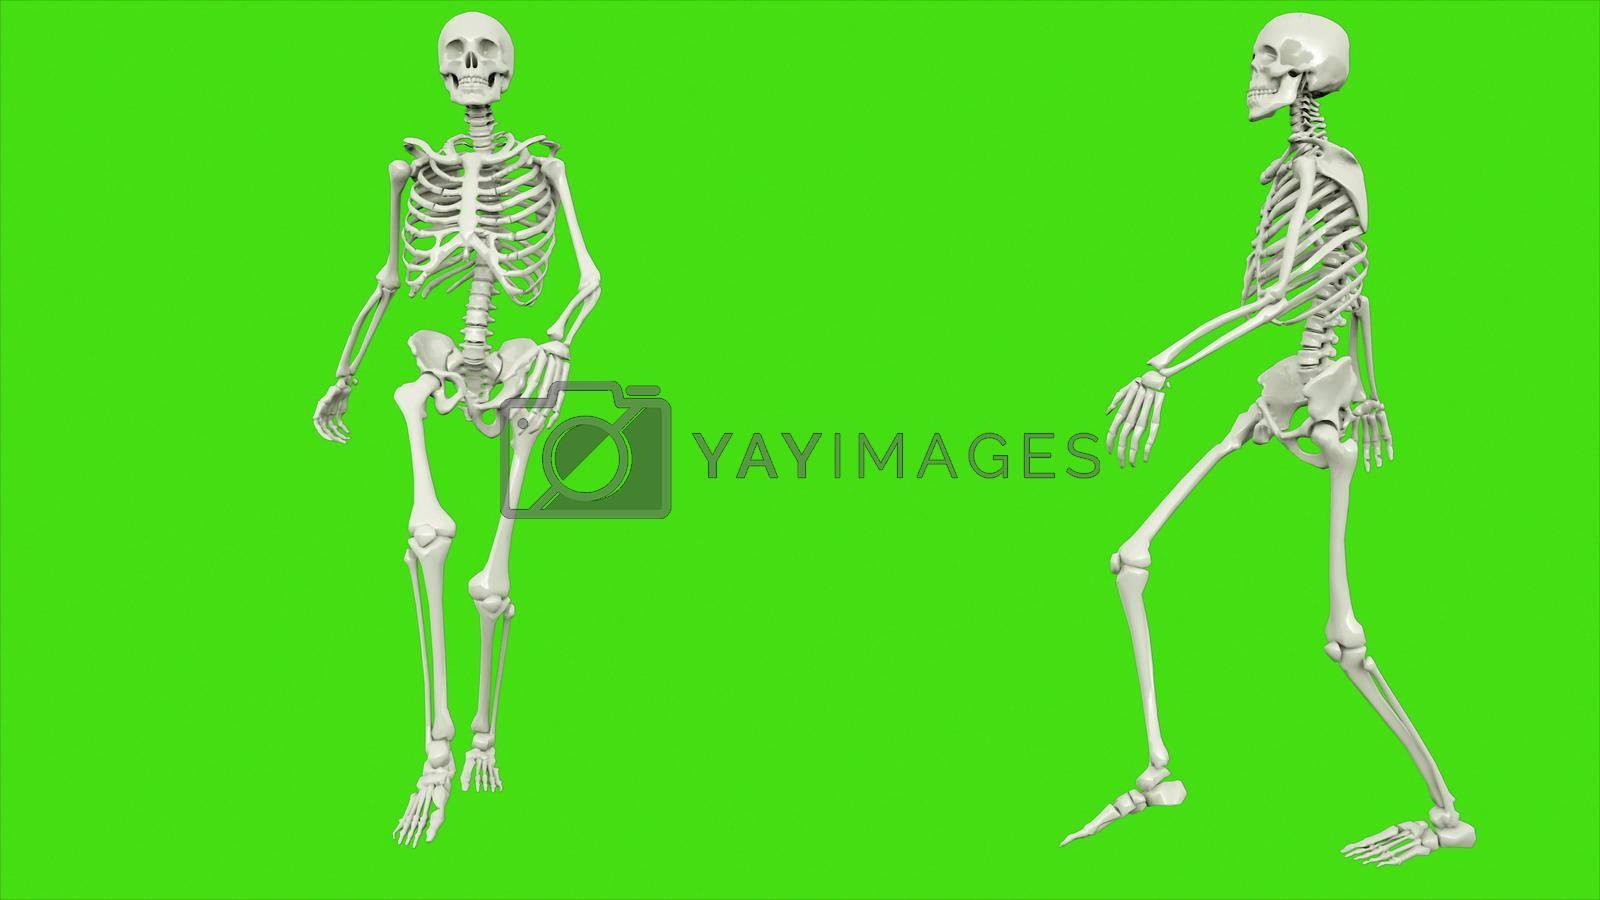 Skeleton walk on green screen. 3D rendering by designprojects